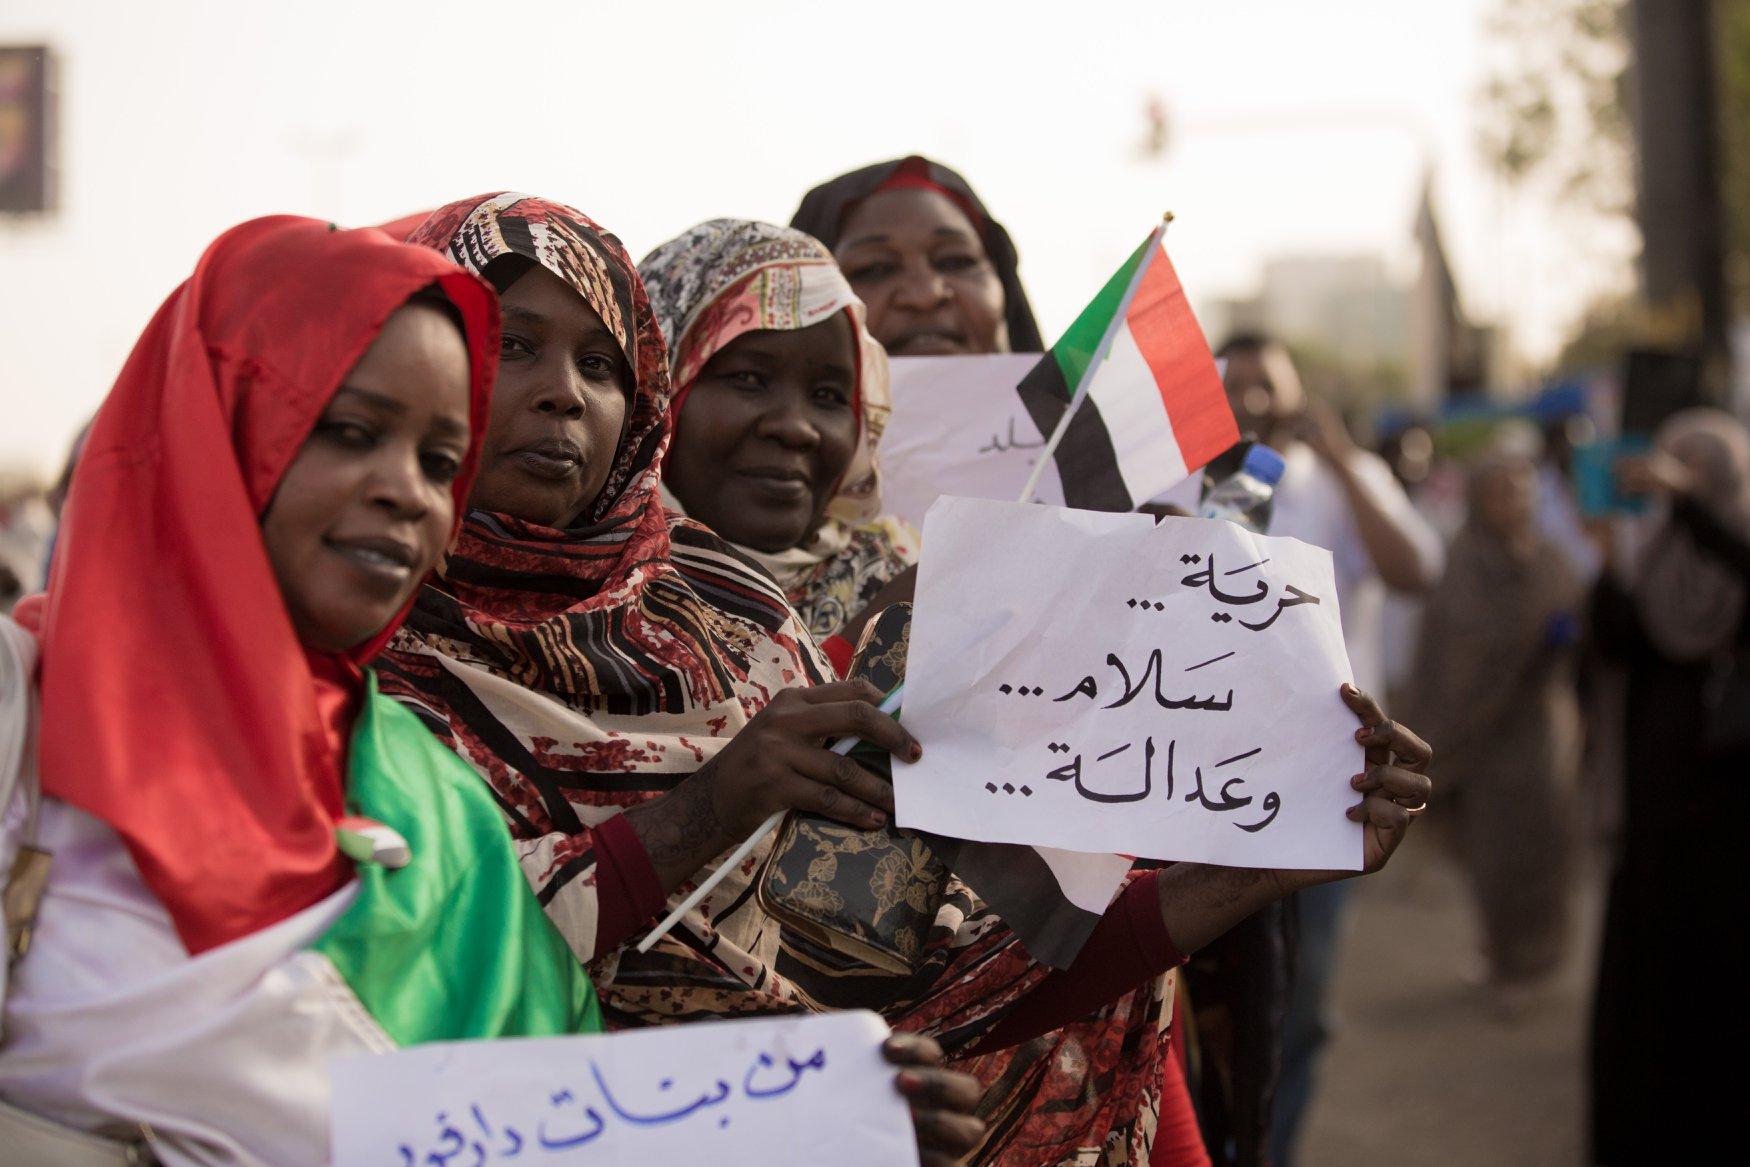 """رفع إعتصام بلدة """"مورني"""" بعد استجابة حكومة غرب دارفور علي مطالب المعتصمين"""